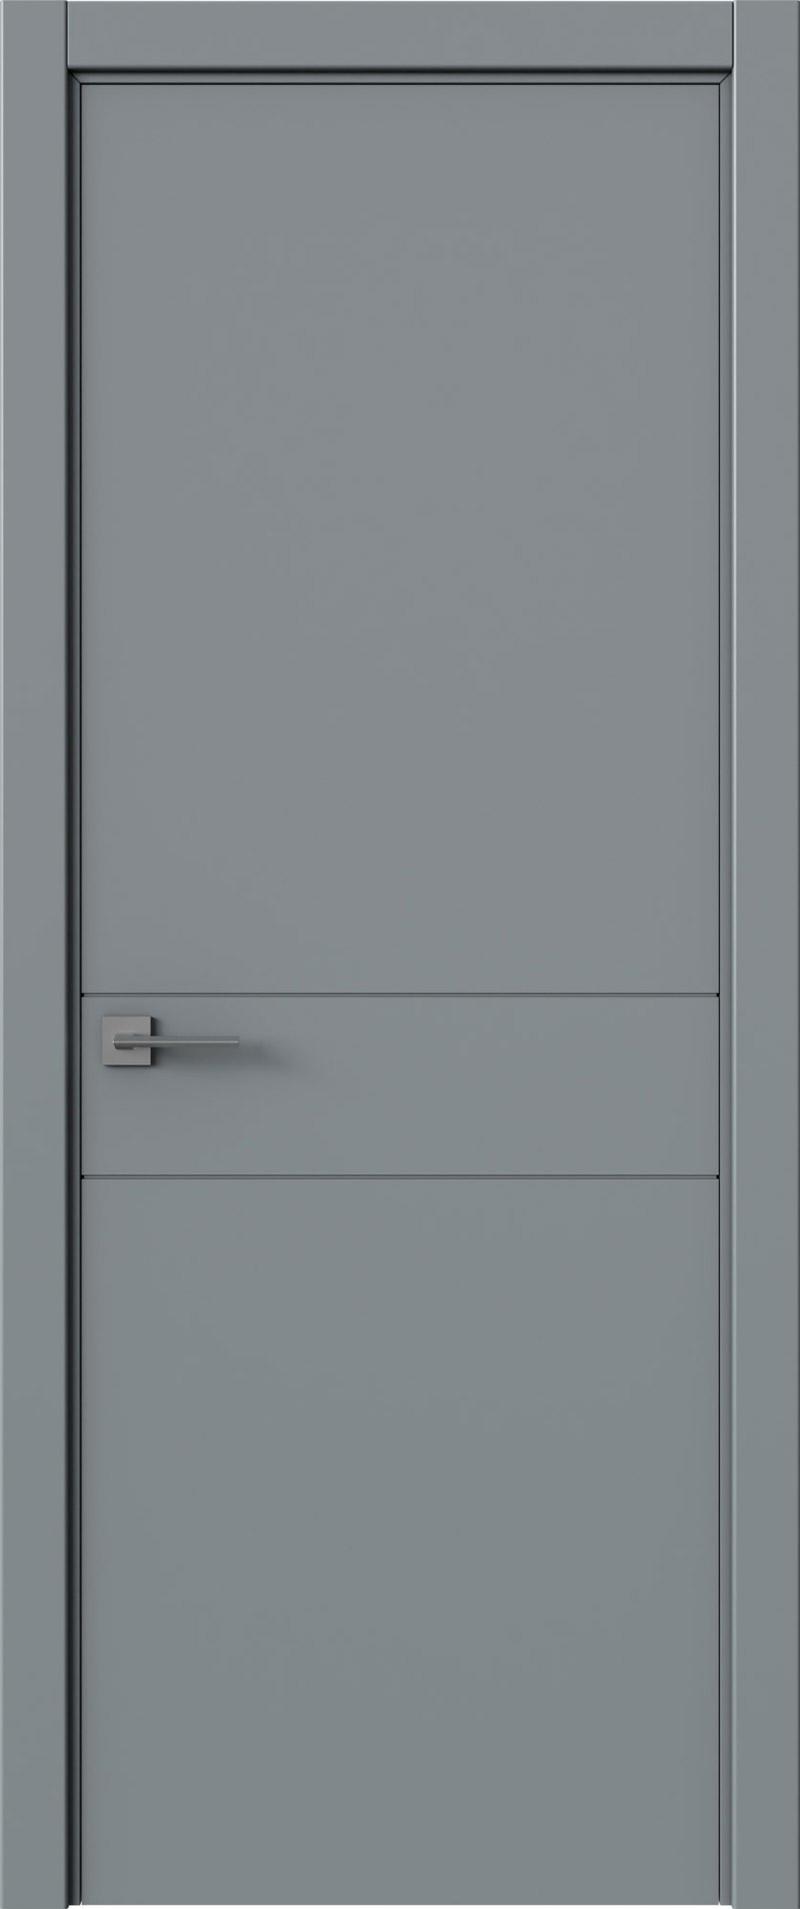 Tivoli И-2 цвет - Серебристо-серая эмаль (RAL 7045) Без стекла (ДГ)